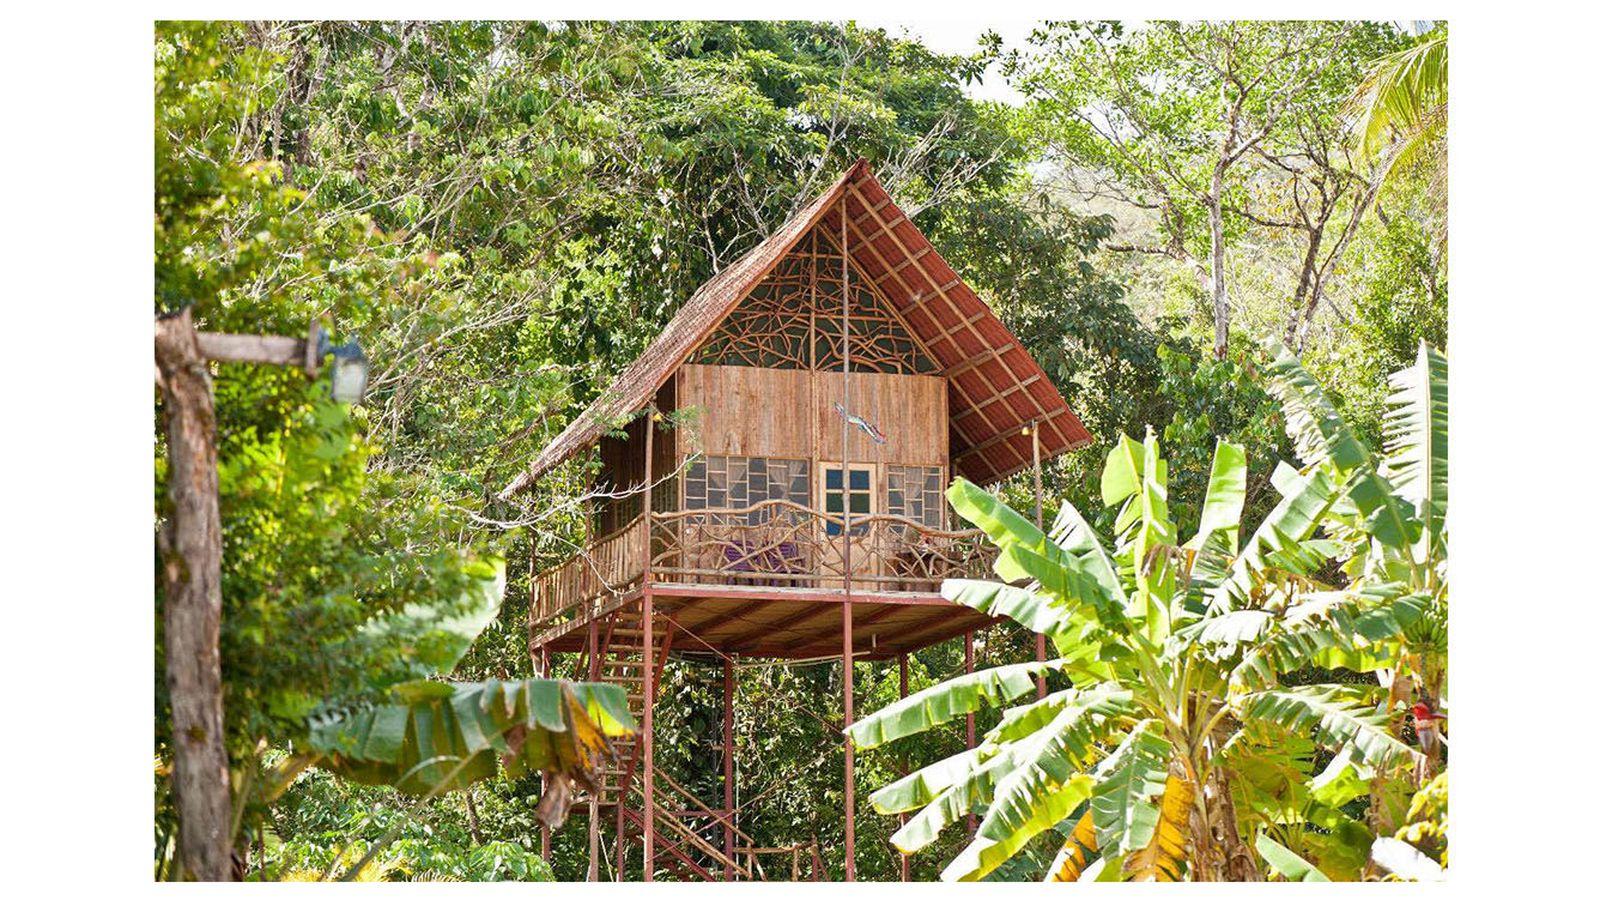 Vivienda una casa ecofriendly en el bosque el - Alojamientos en el bosque ...